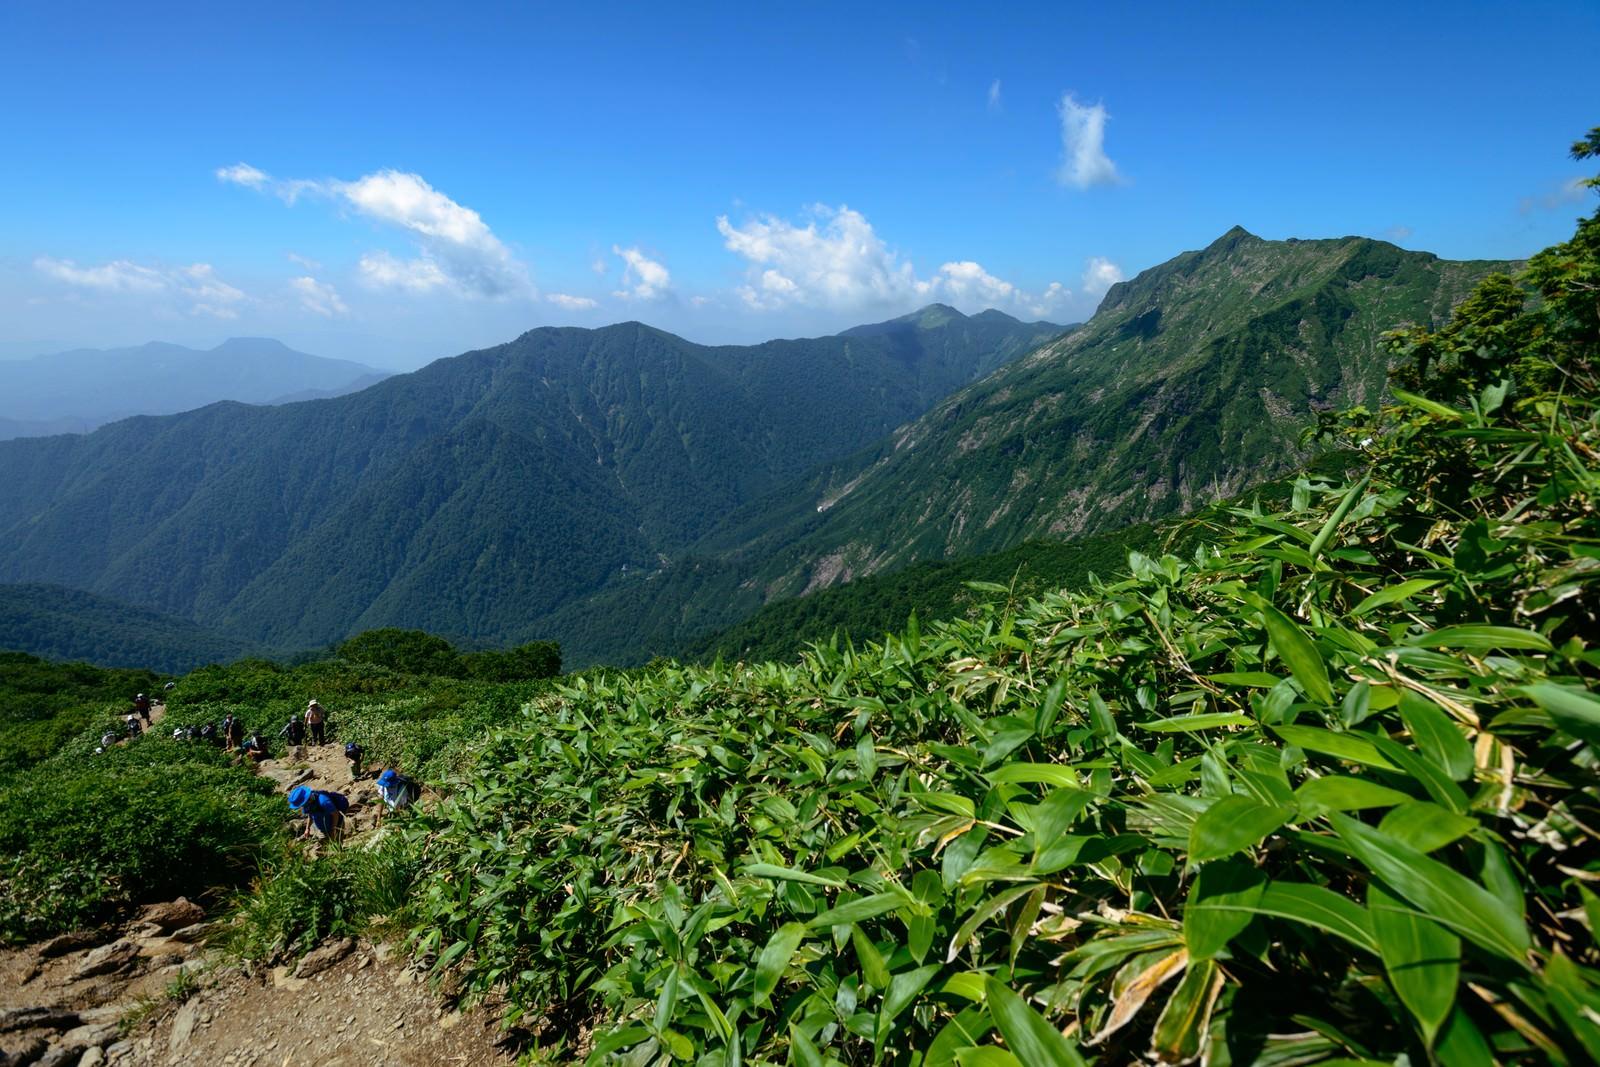 「関東と北陸を隔てる登山道」の写真